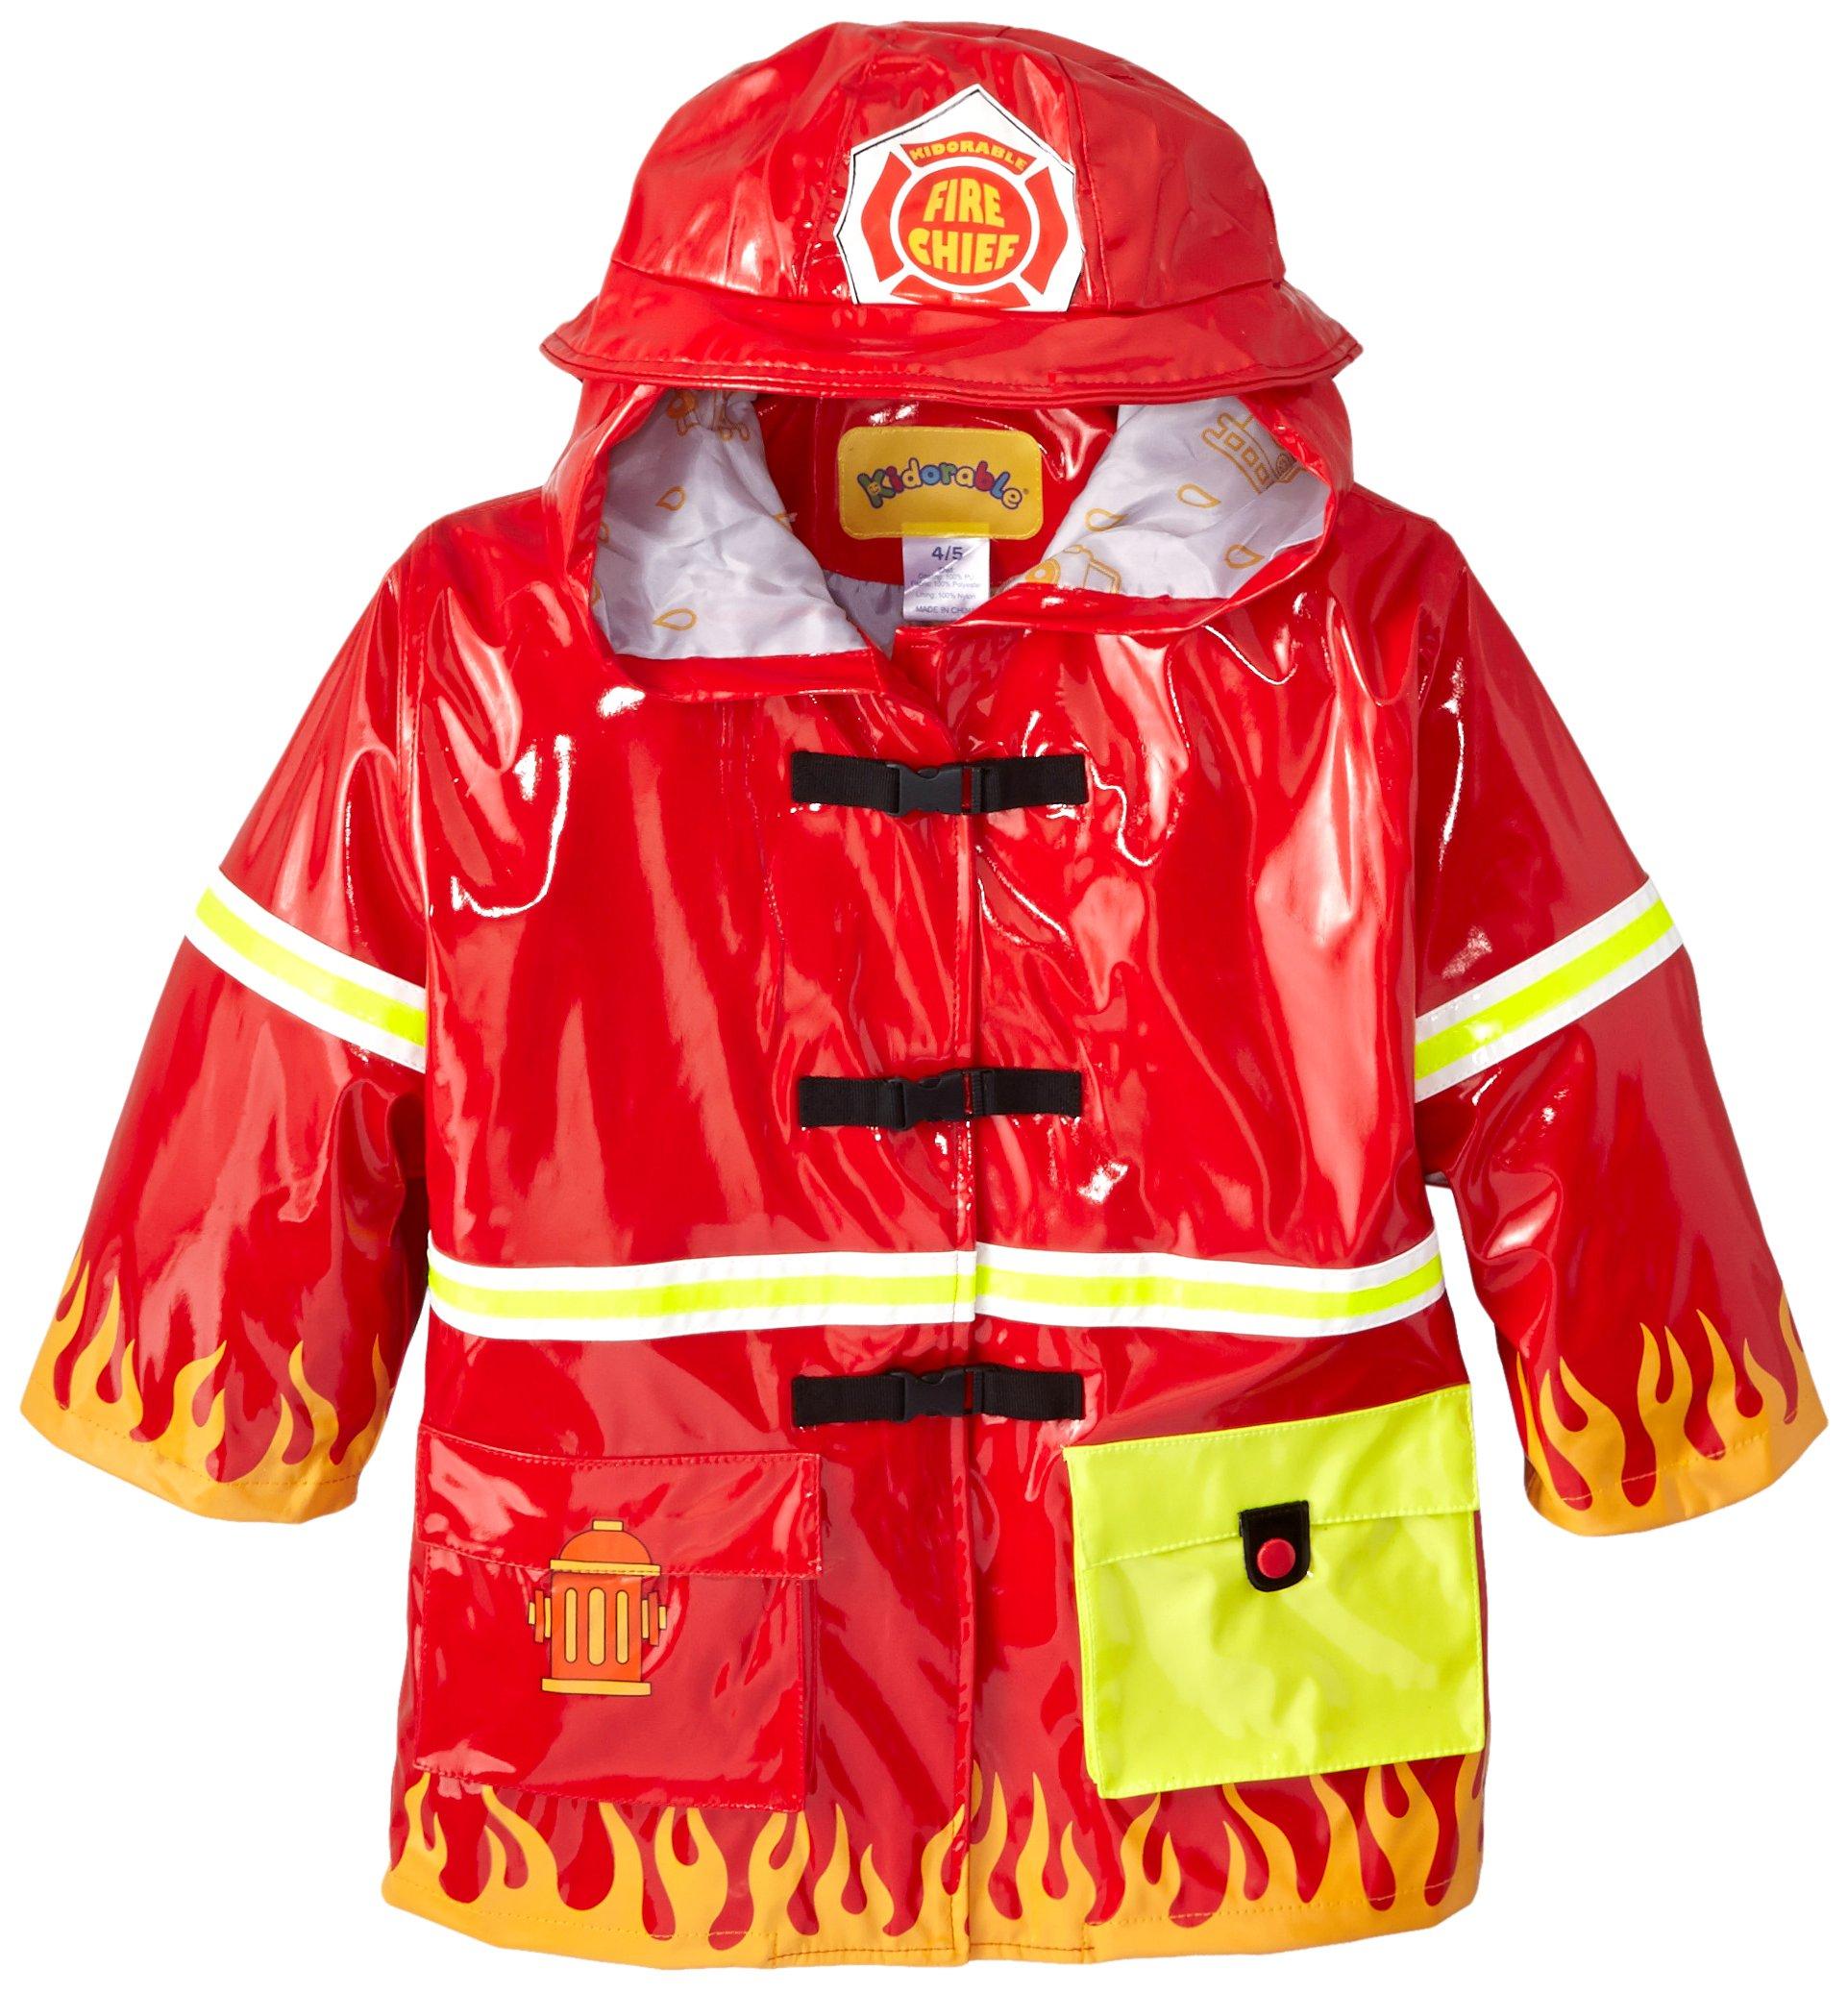 Kidorable Fireman Kids Rain Jacket, All Weather Raincoat, Red, Size 4/5, Big Kids (US Sizing), Waterproof, Machine Washable